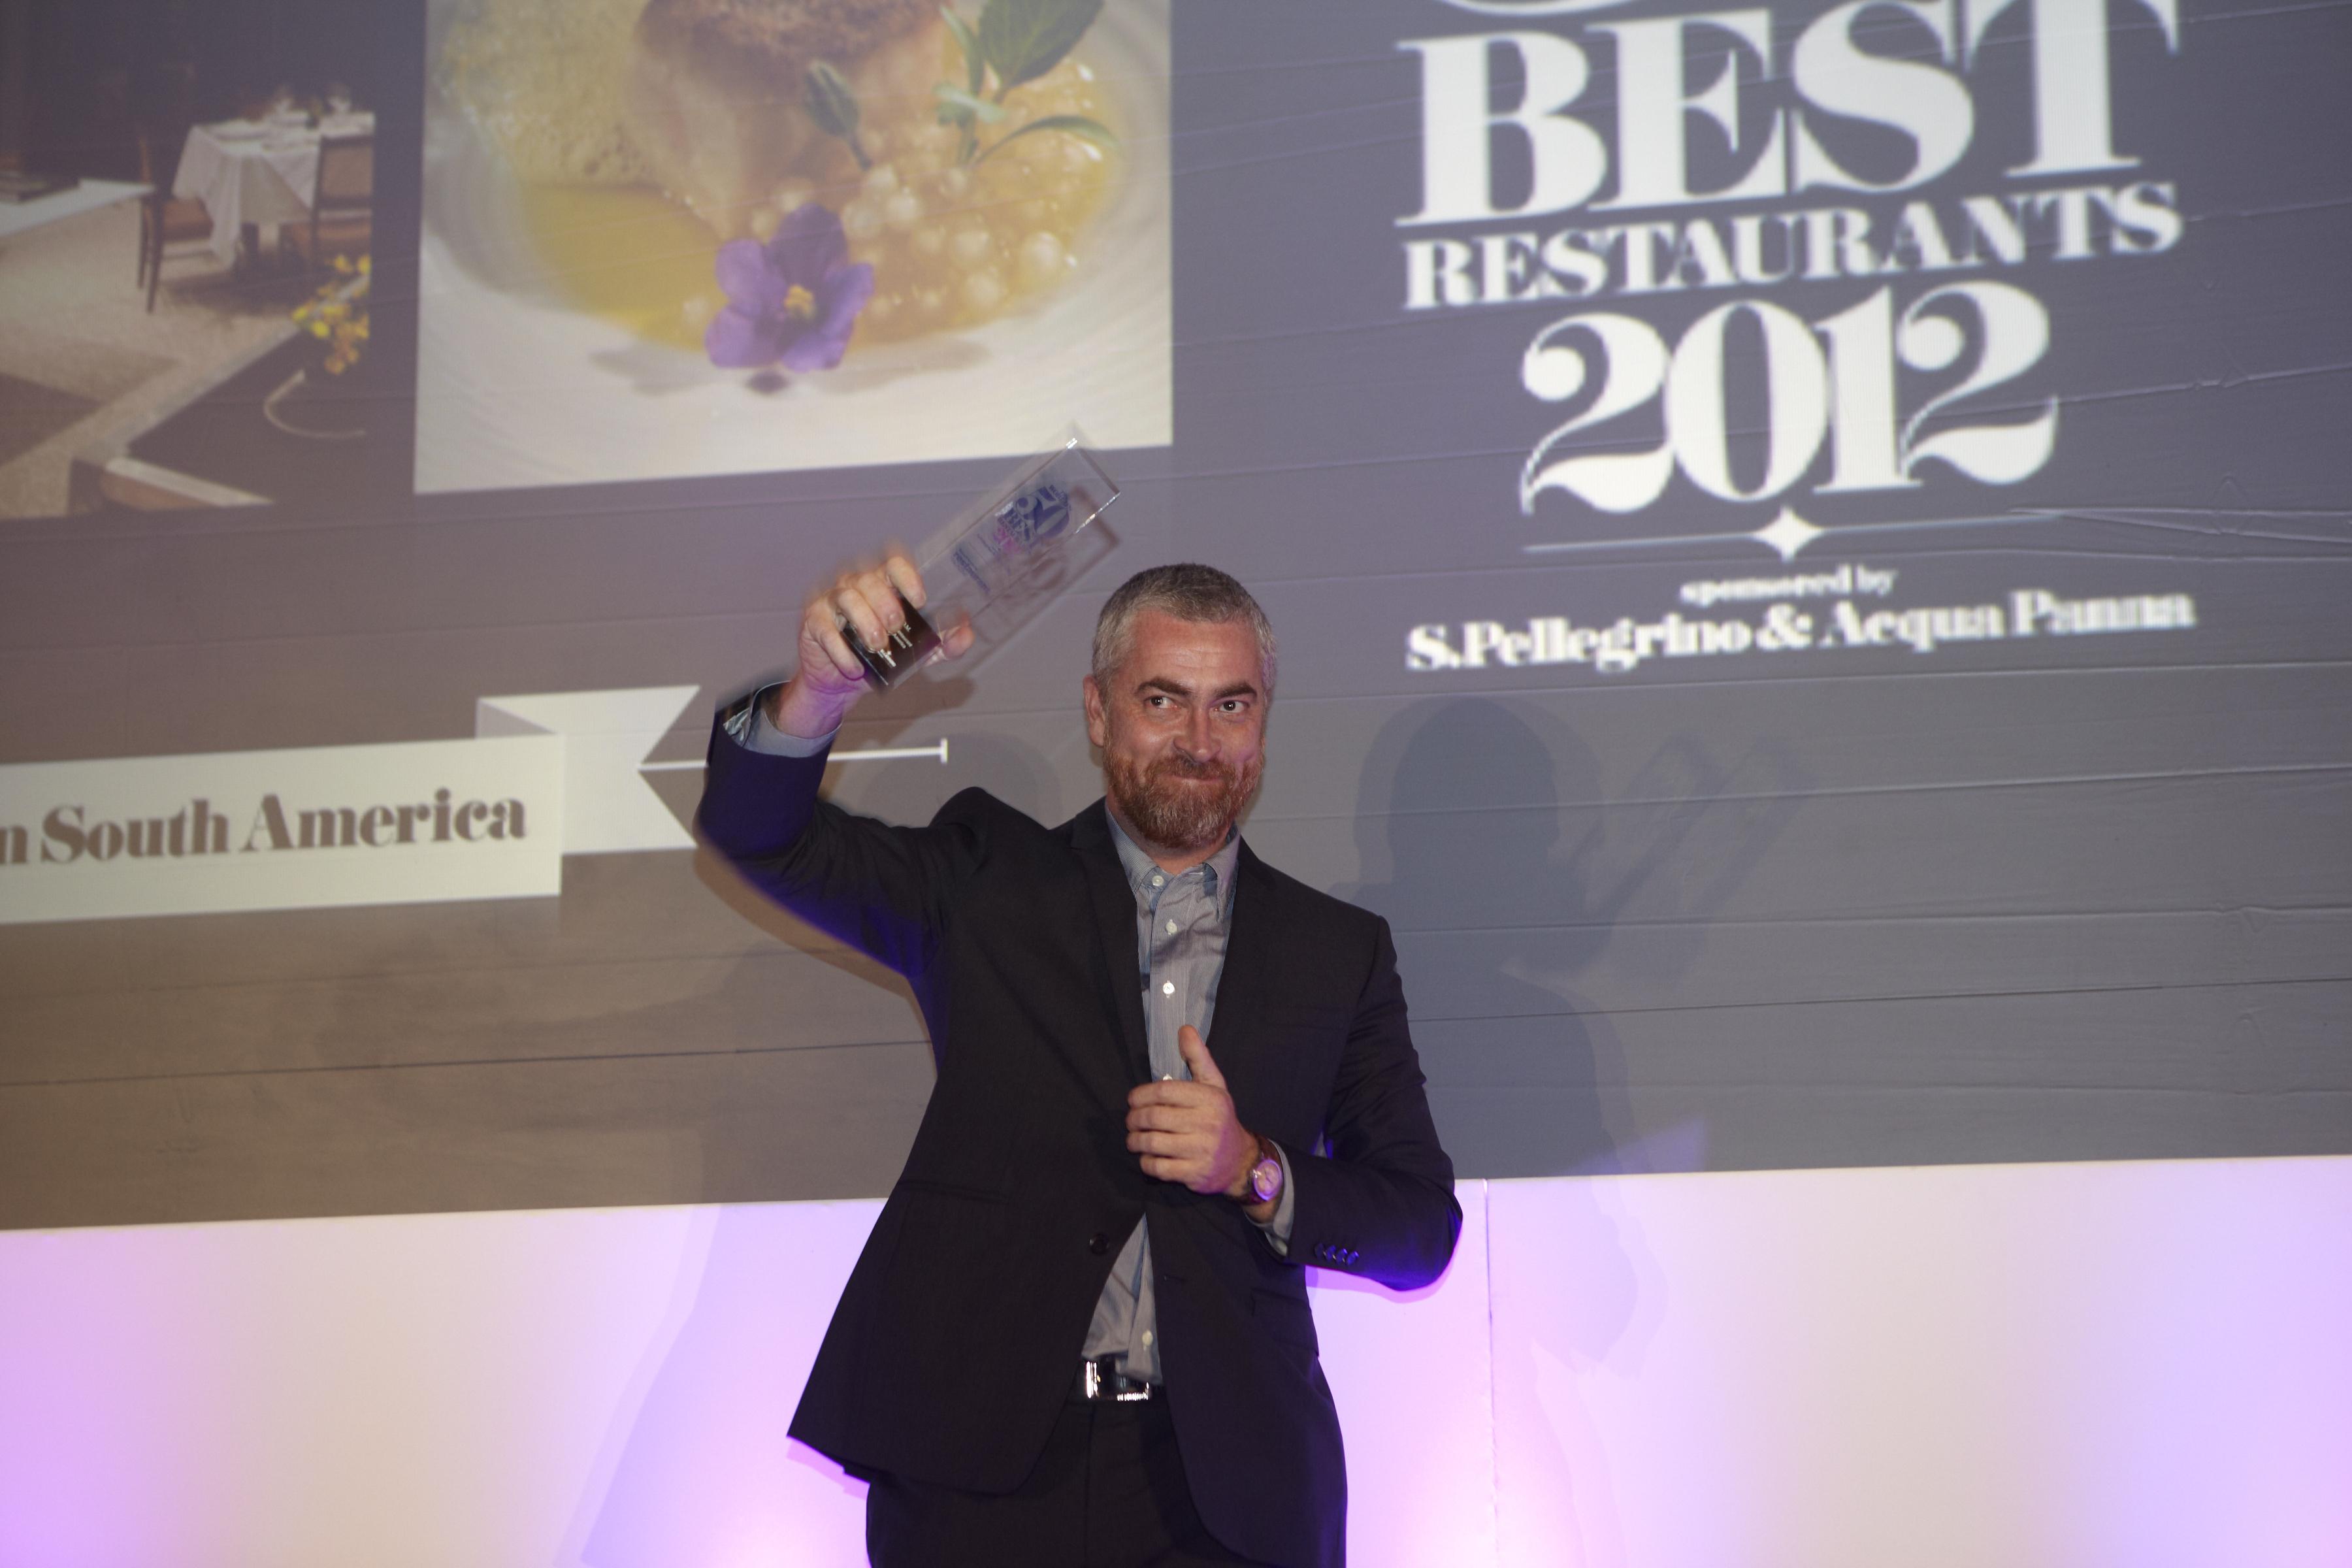 Alex Alala recebe o prêmio de melhor restaurante na América do Sul e 4º melhor do mundo